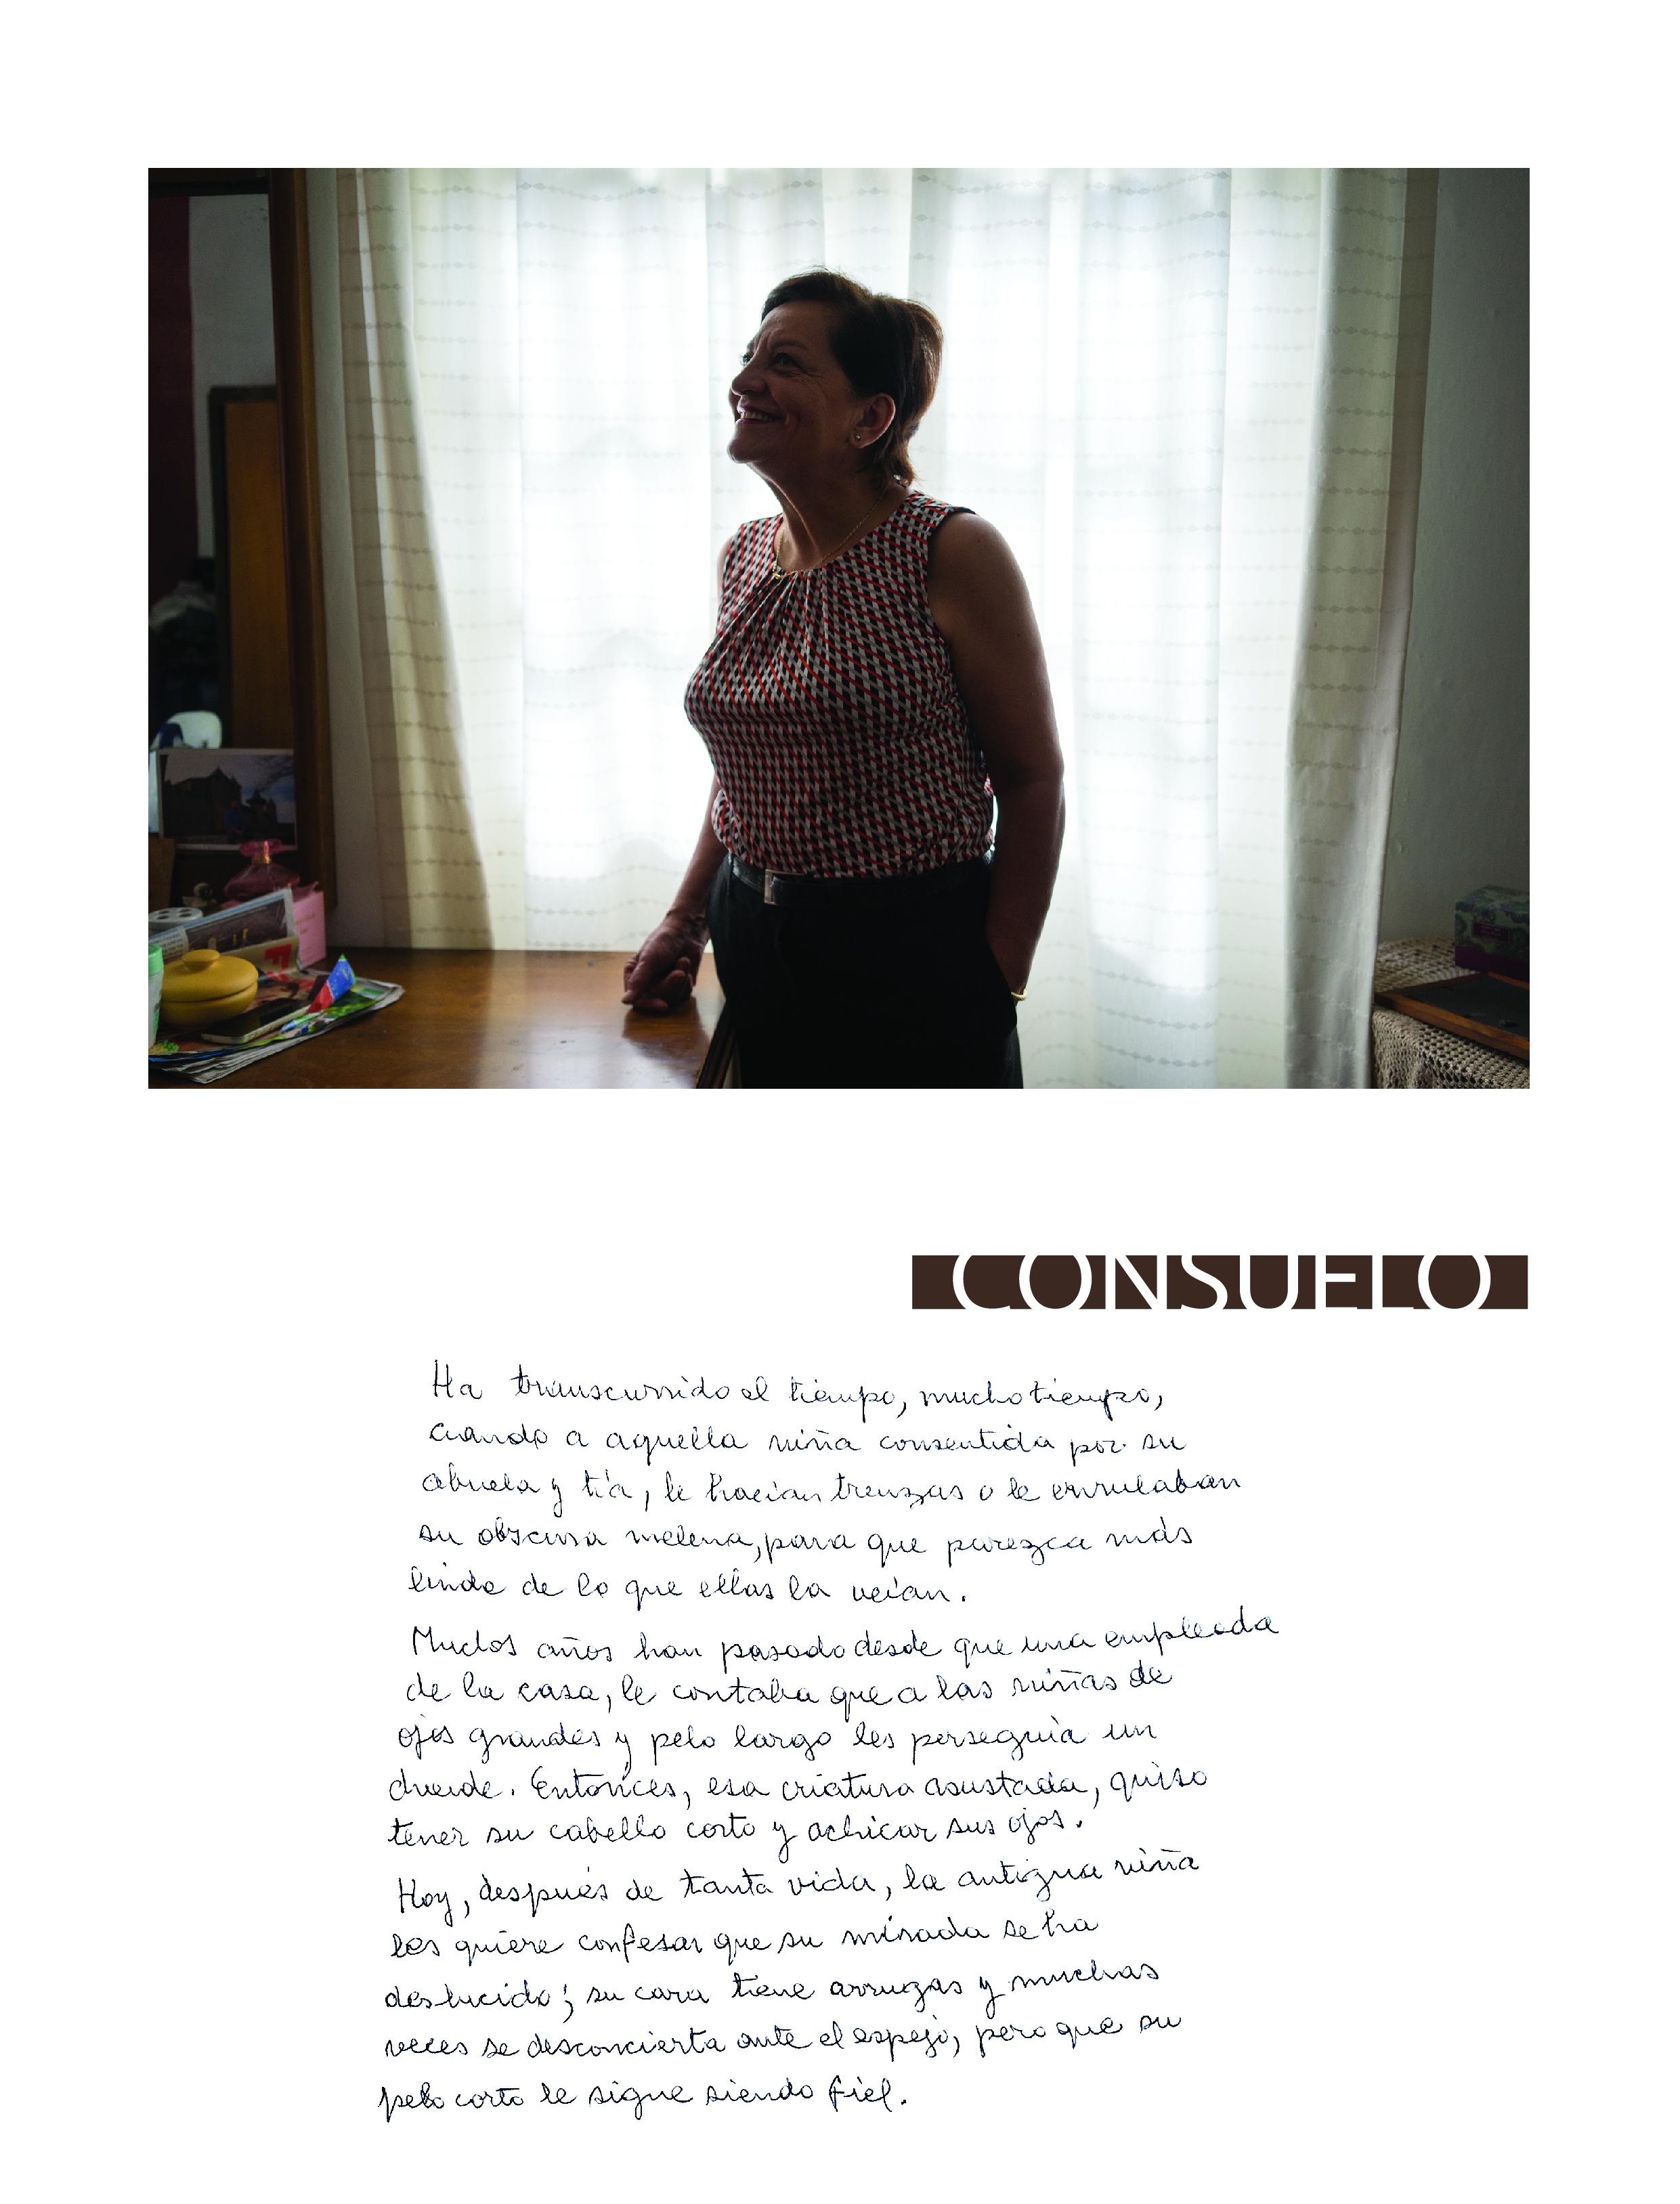 2. Consuelo (1).jpg